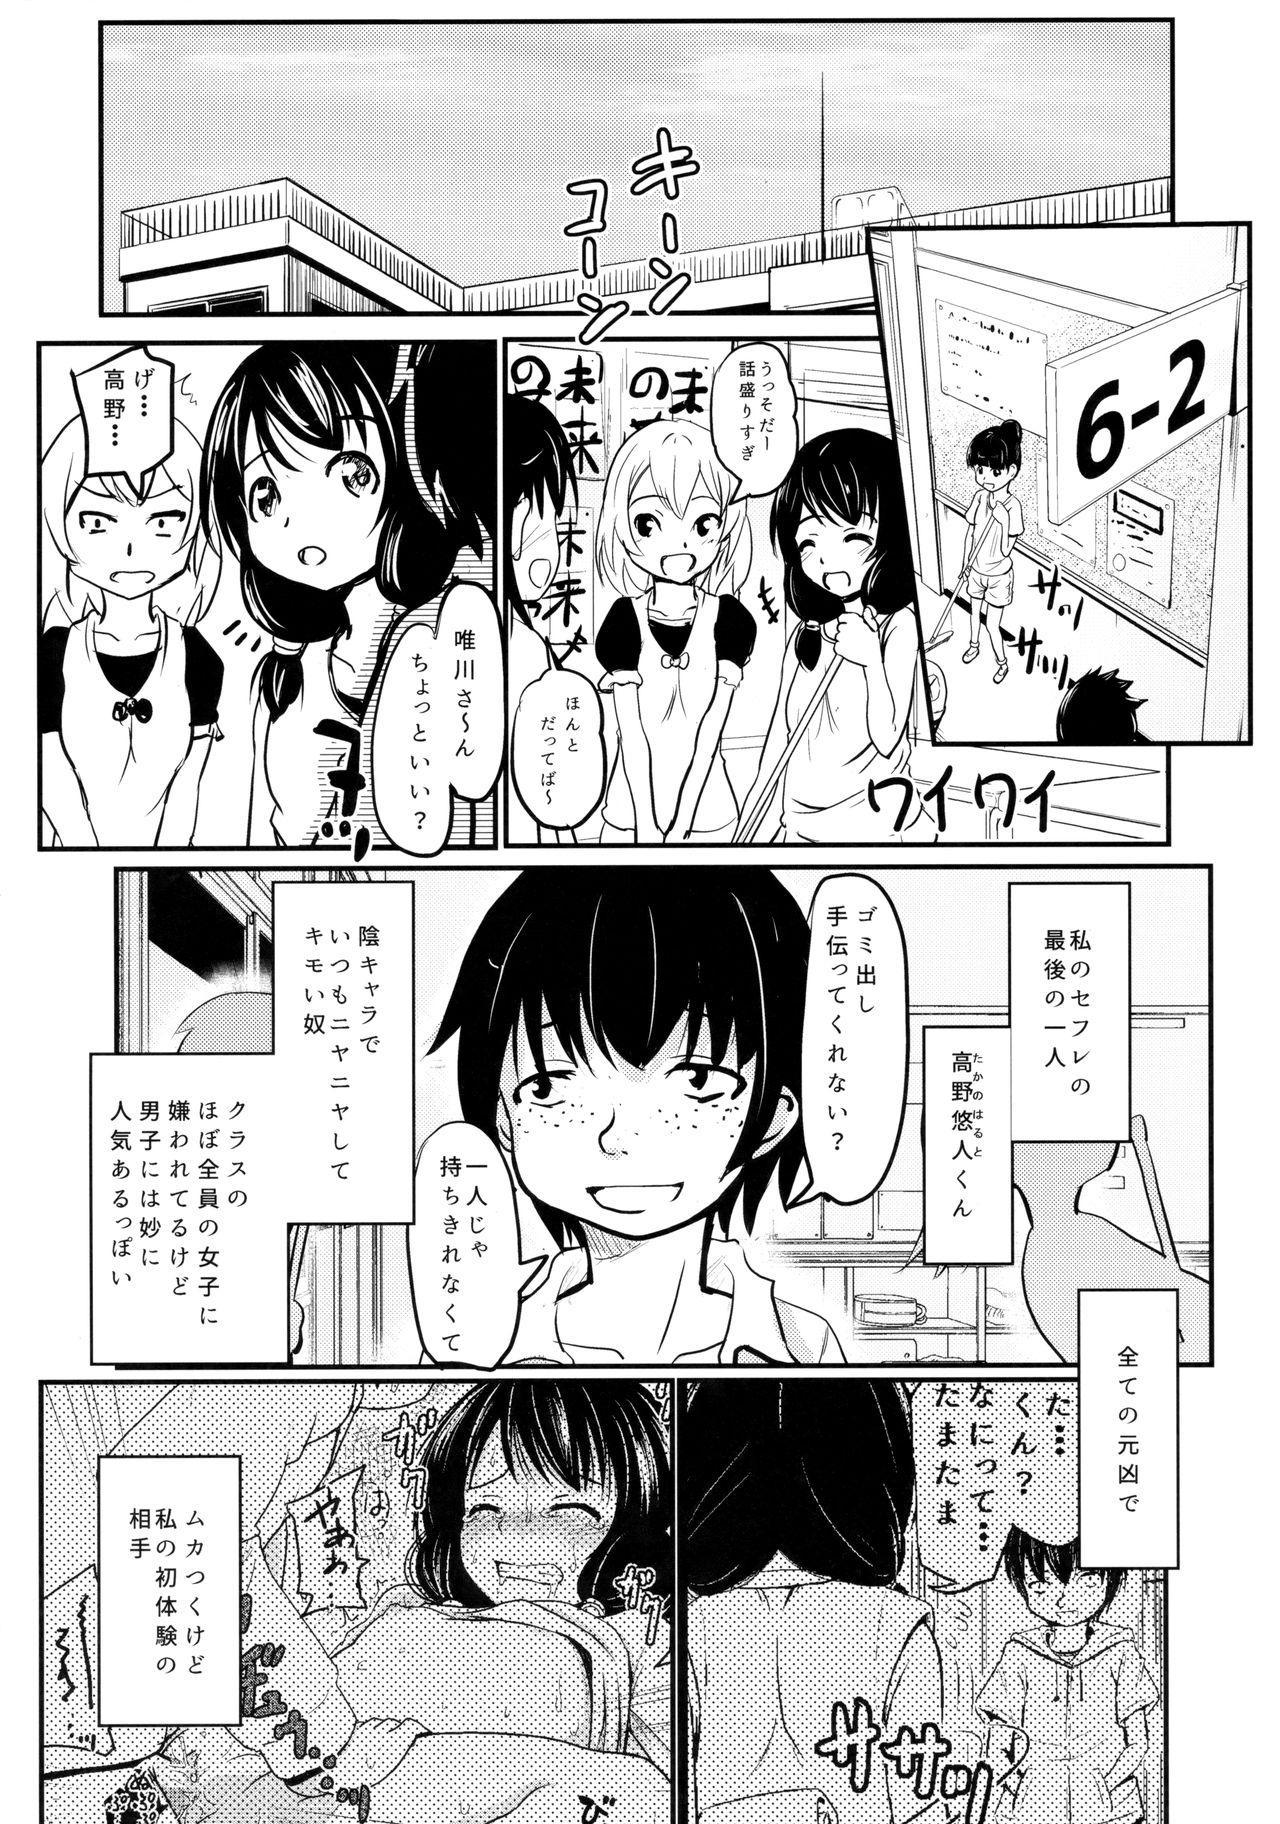 Shougakusei Bitch wa Saikou daze!! Yuikawa Mayu no Dokidoki Ecchi wa Tomerarenai Hen 10